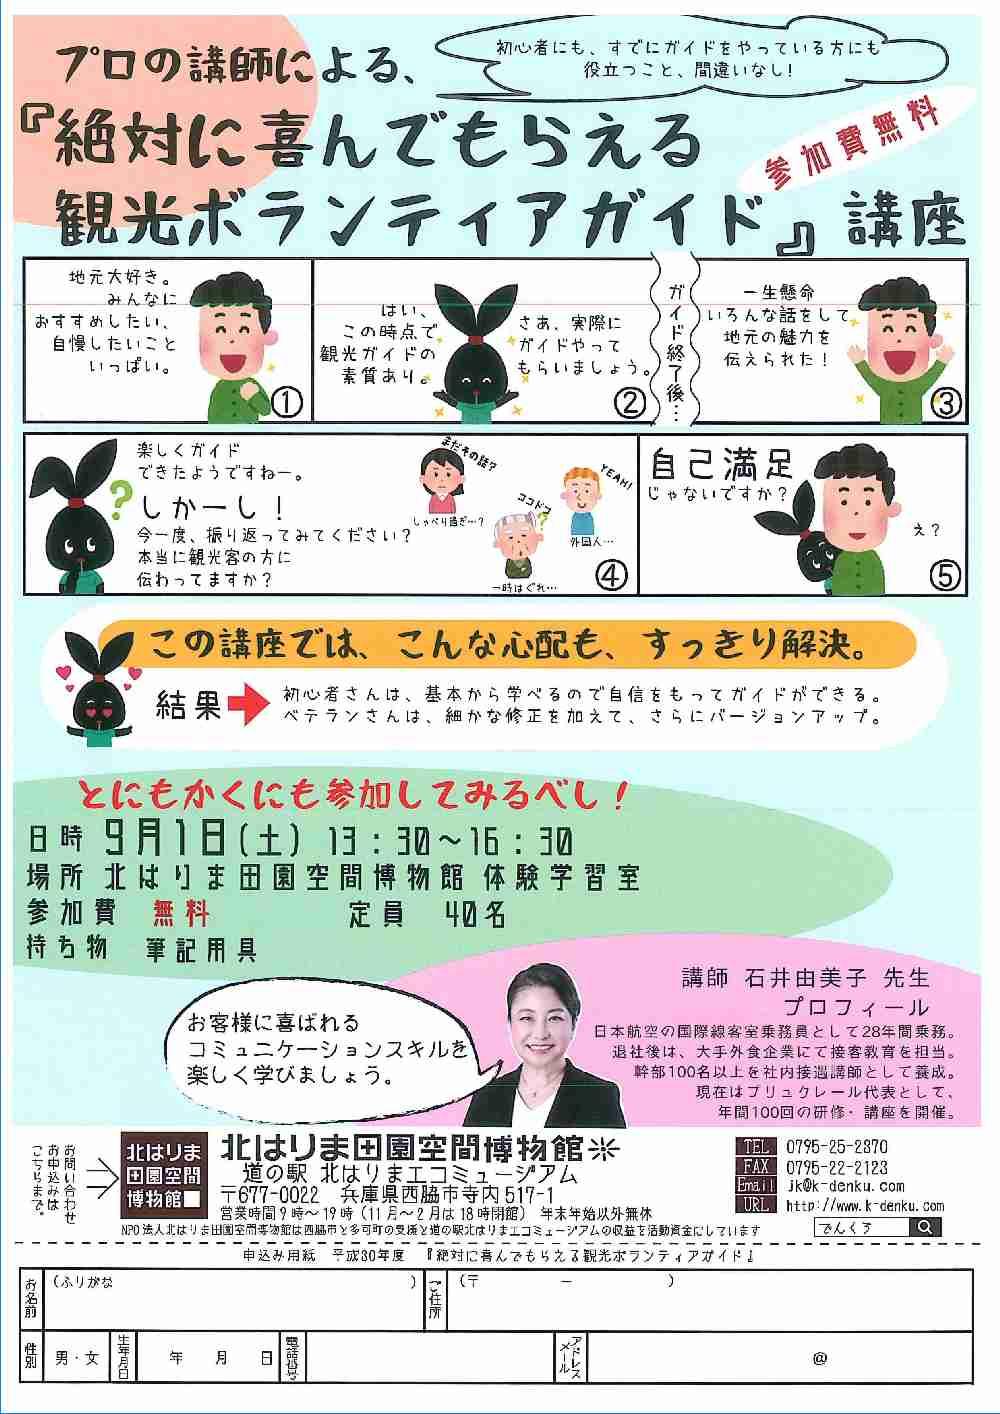 9/1~ 「観光ボランティアガイド」講座:でんくう体験学習室